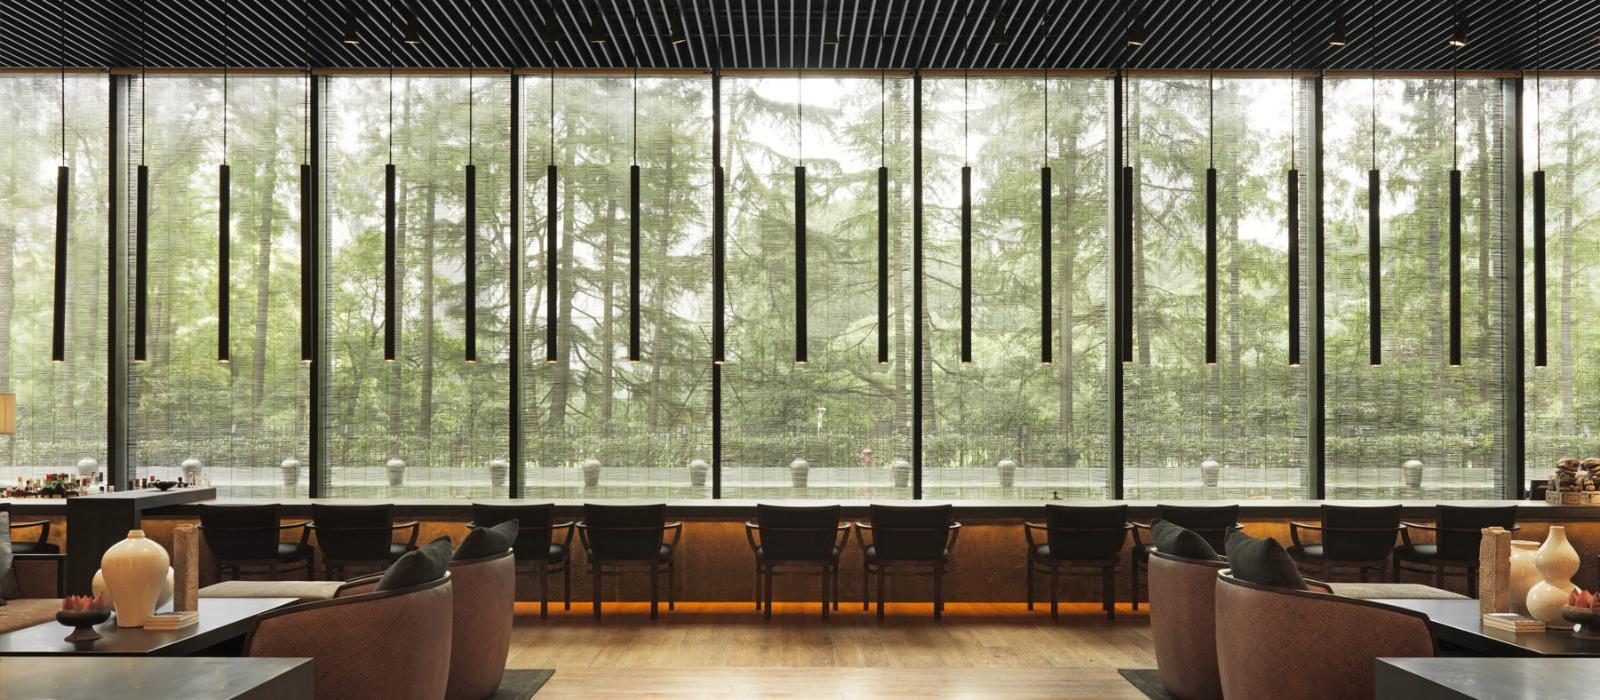 璞麗酒店(The PuLi Hotel and Spa)【 上海,中国】 酒店  dtcpzc.157ib.com